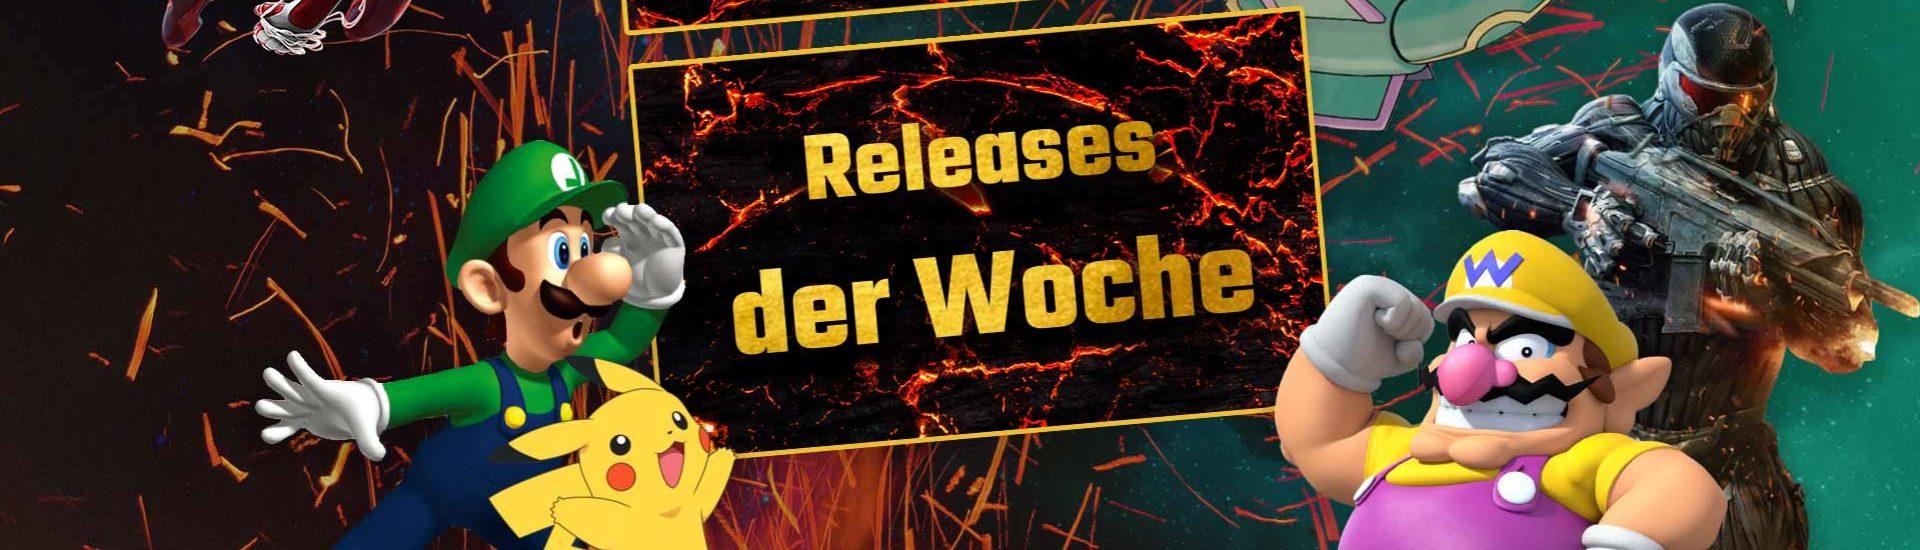 Release-Liste KW 40: Horror, Krieg und Putschversuche